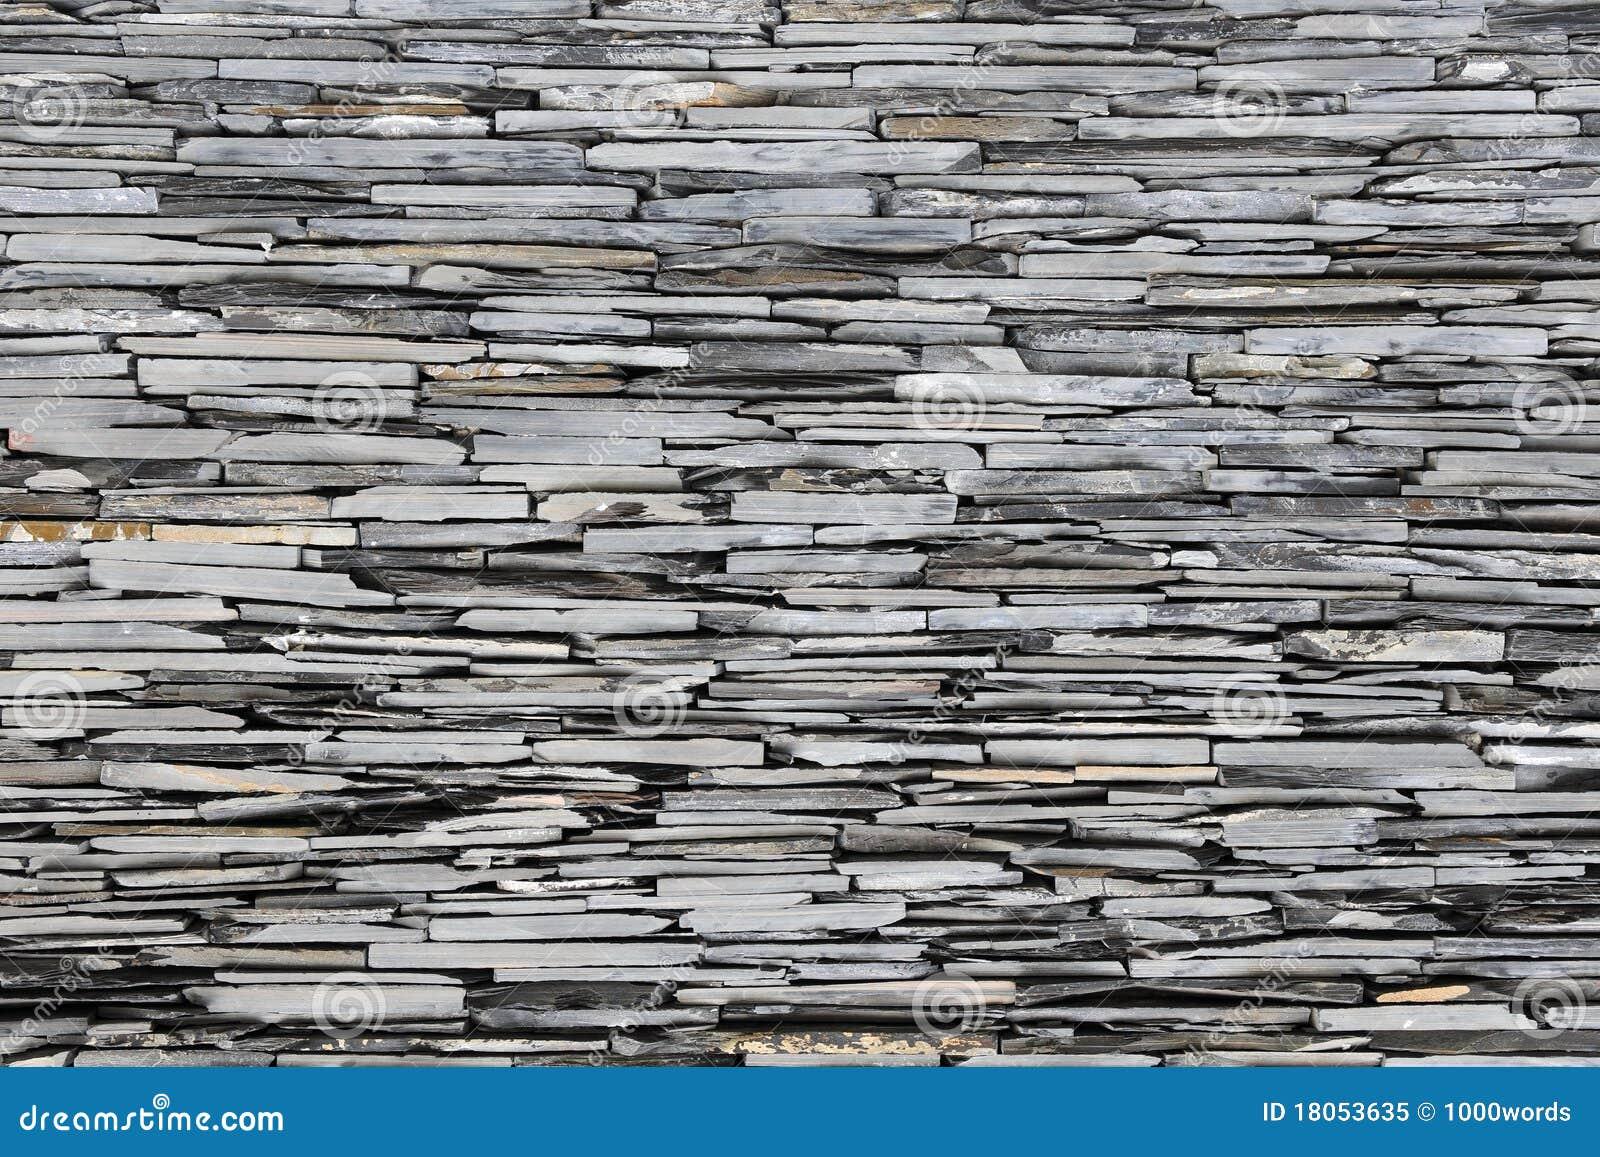 De muur van de steen van de lei royalty vrije stock foto beeld 18053635 - Muur steen duidelijk ...